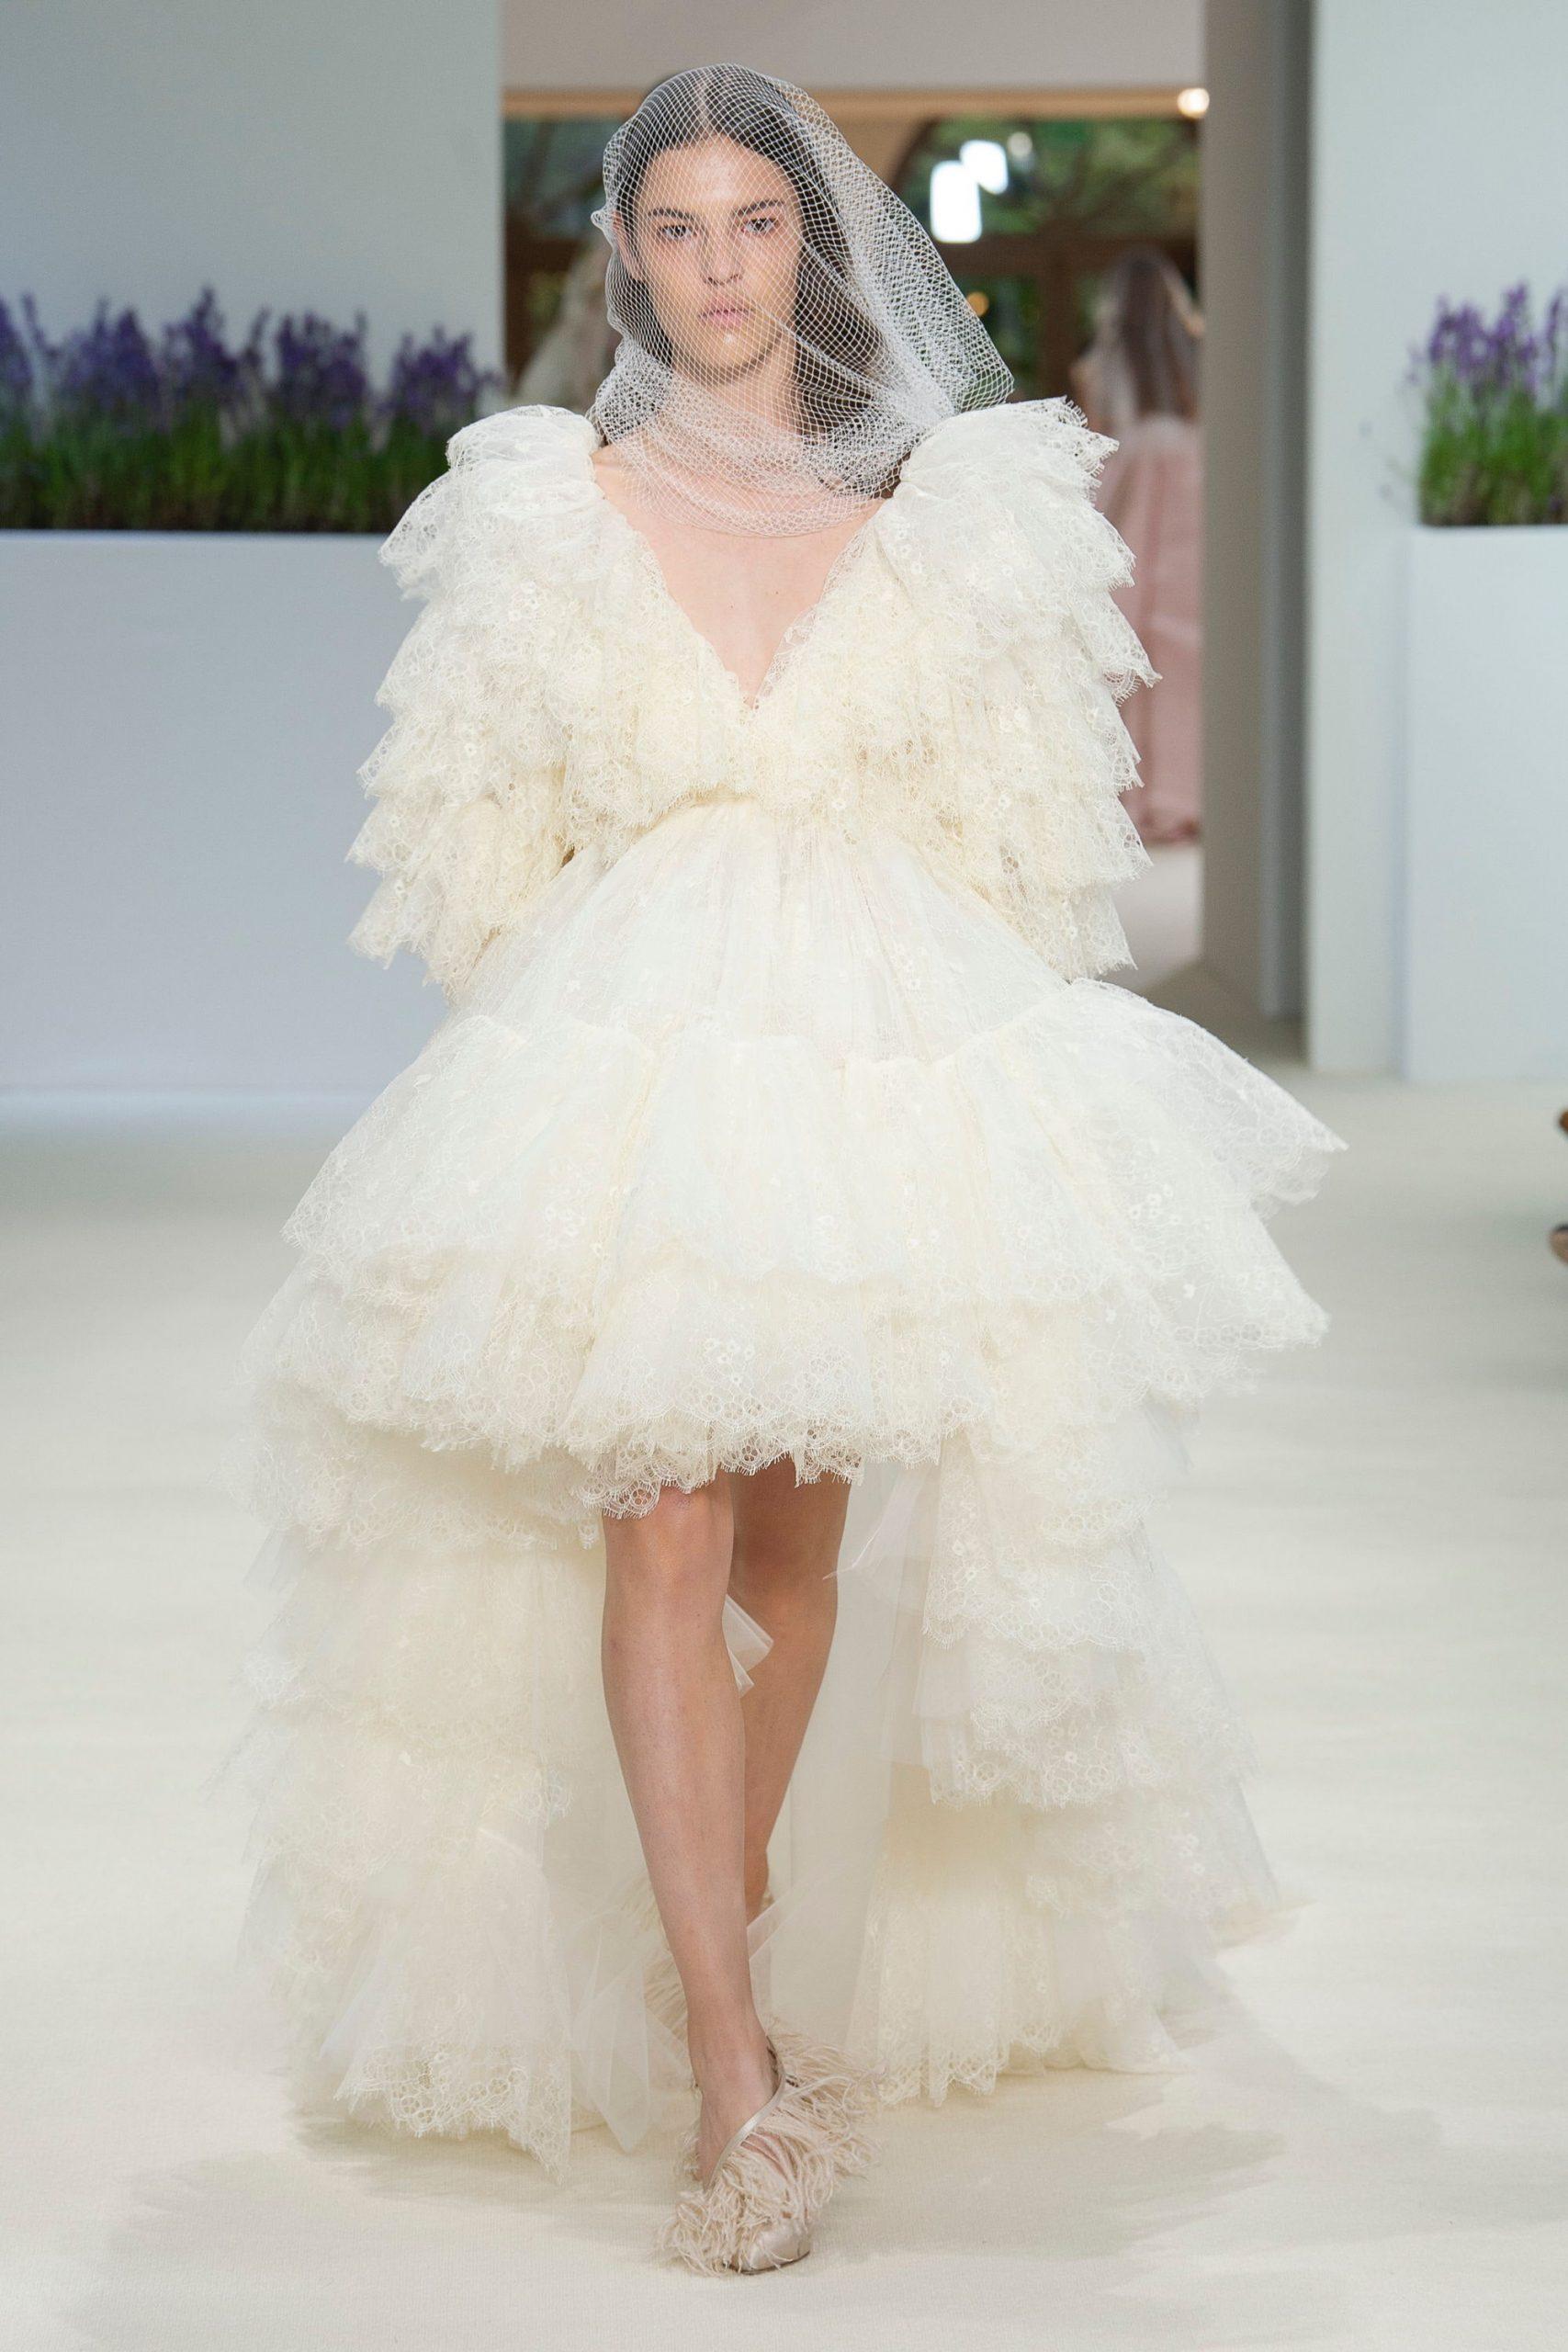 Vestidos de novia Giambattista Valli, vestidos de novia alta costura Giambattista Valli - Wedding Hub - 022